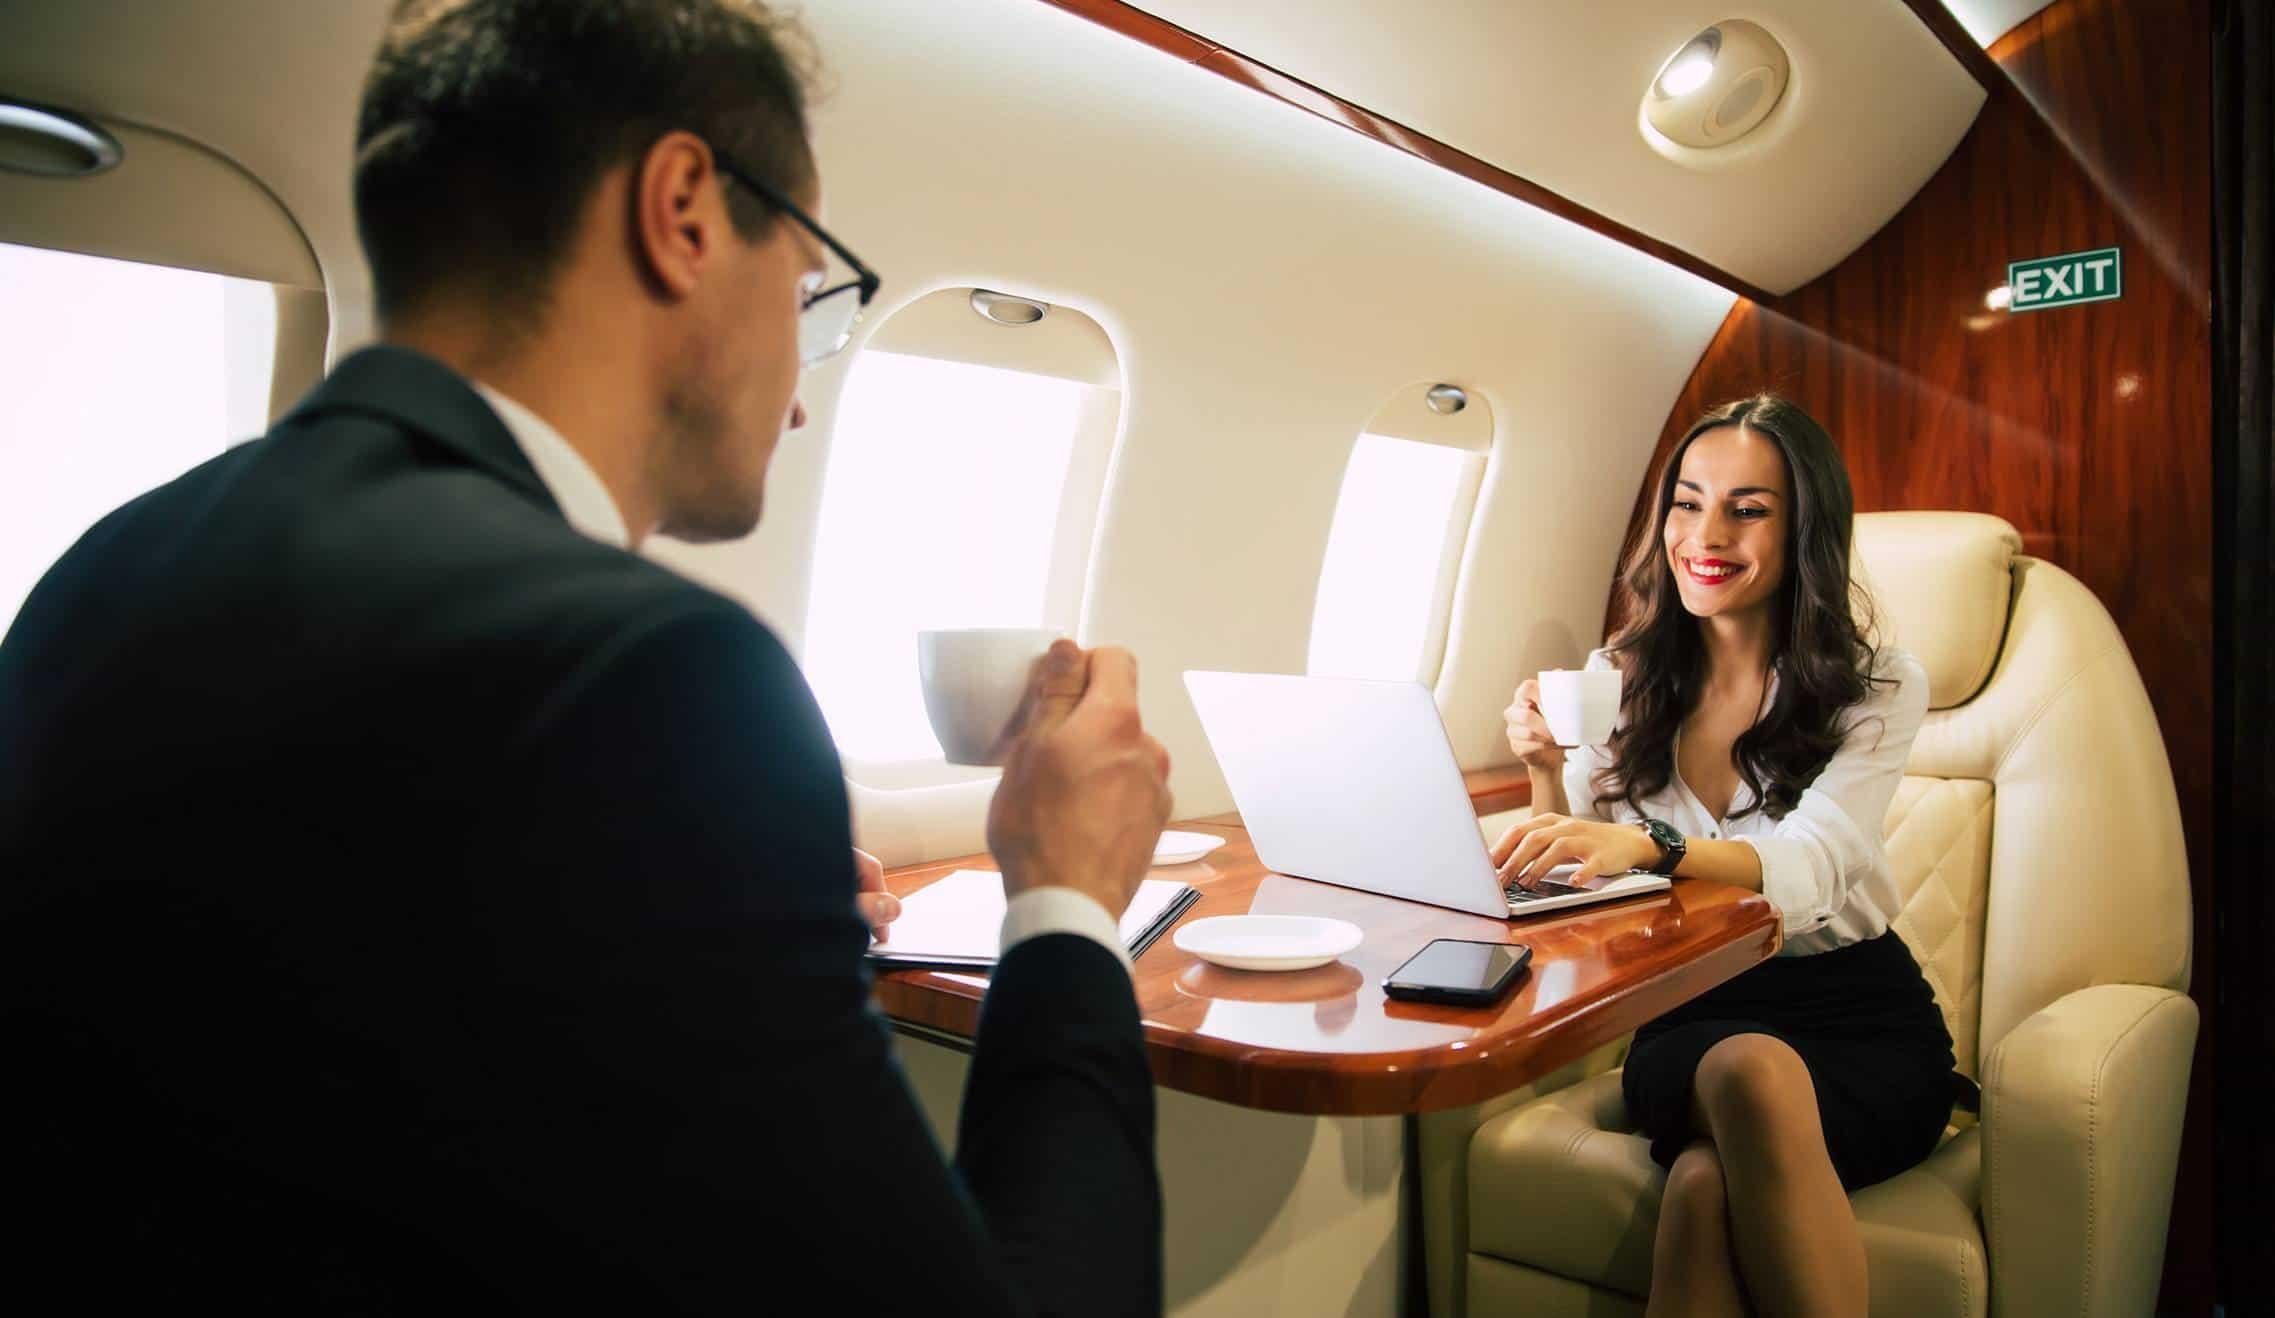 Jet privé wifi